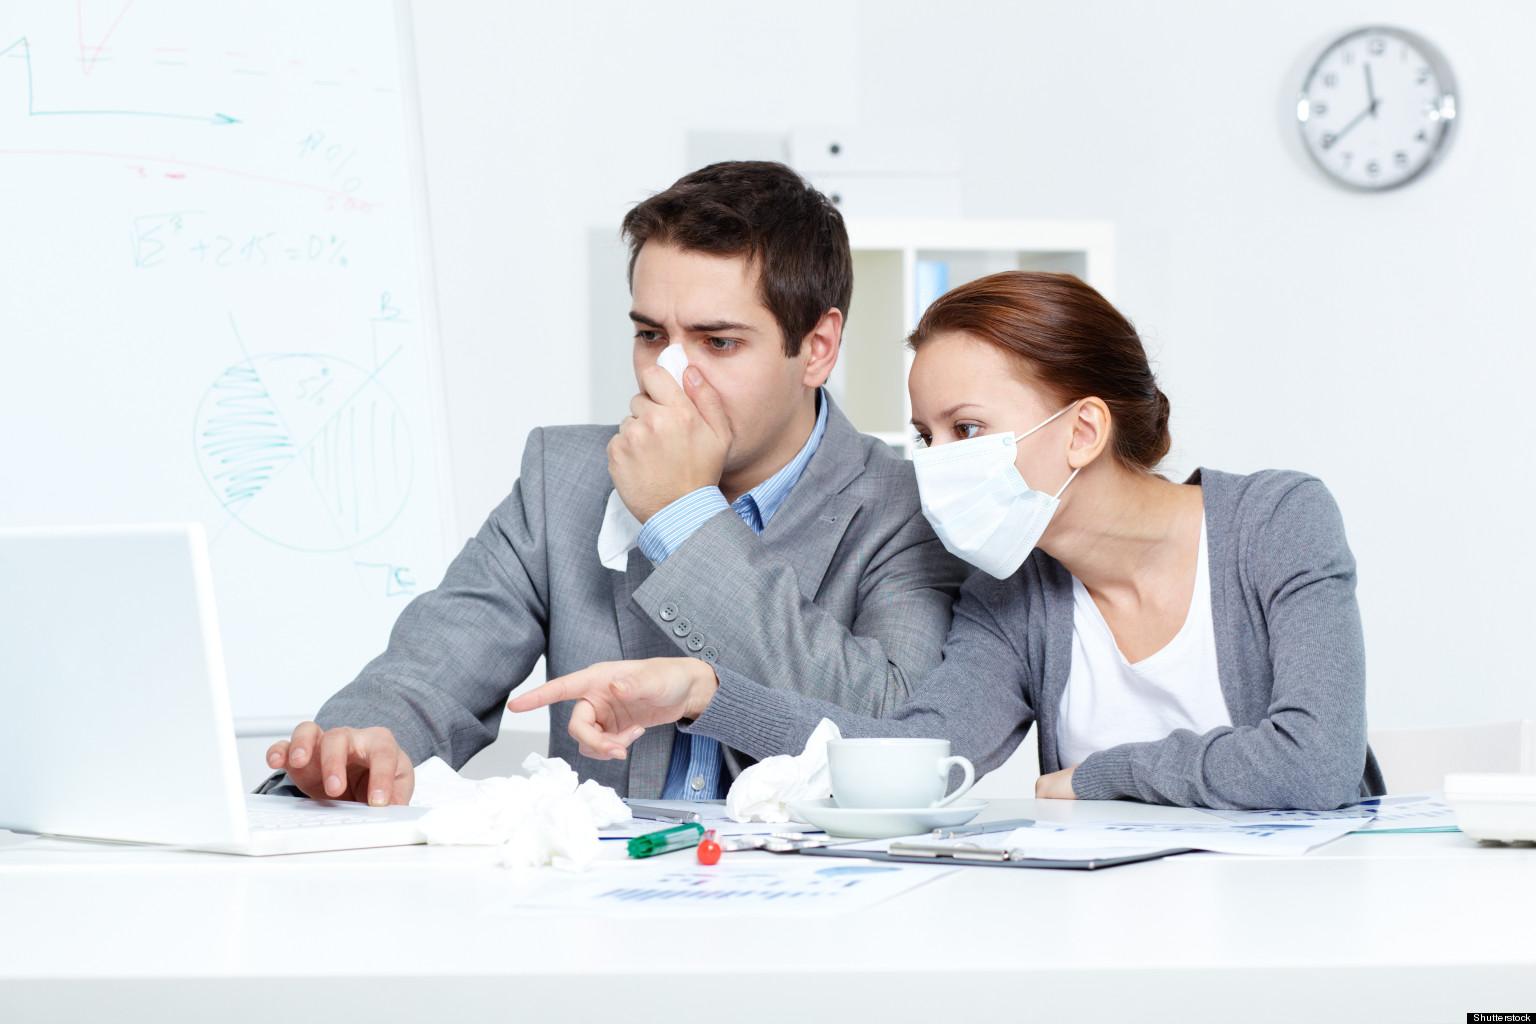 microbes et virus au bureau quatre heures pour contaminer. Black Bedroom Furniture Sets. Home Design Ideas